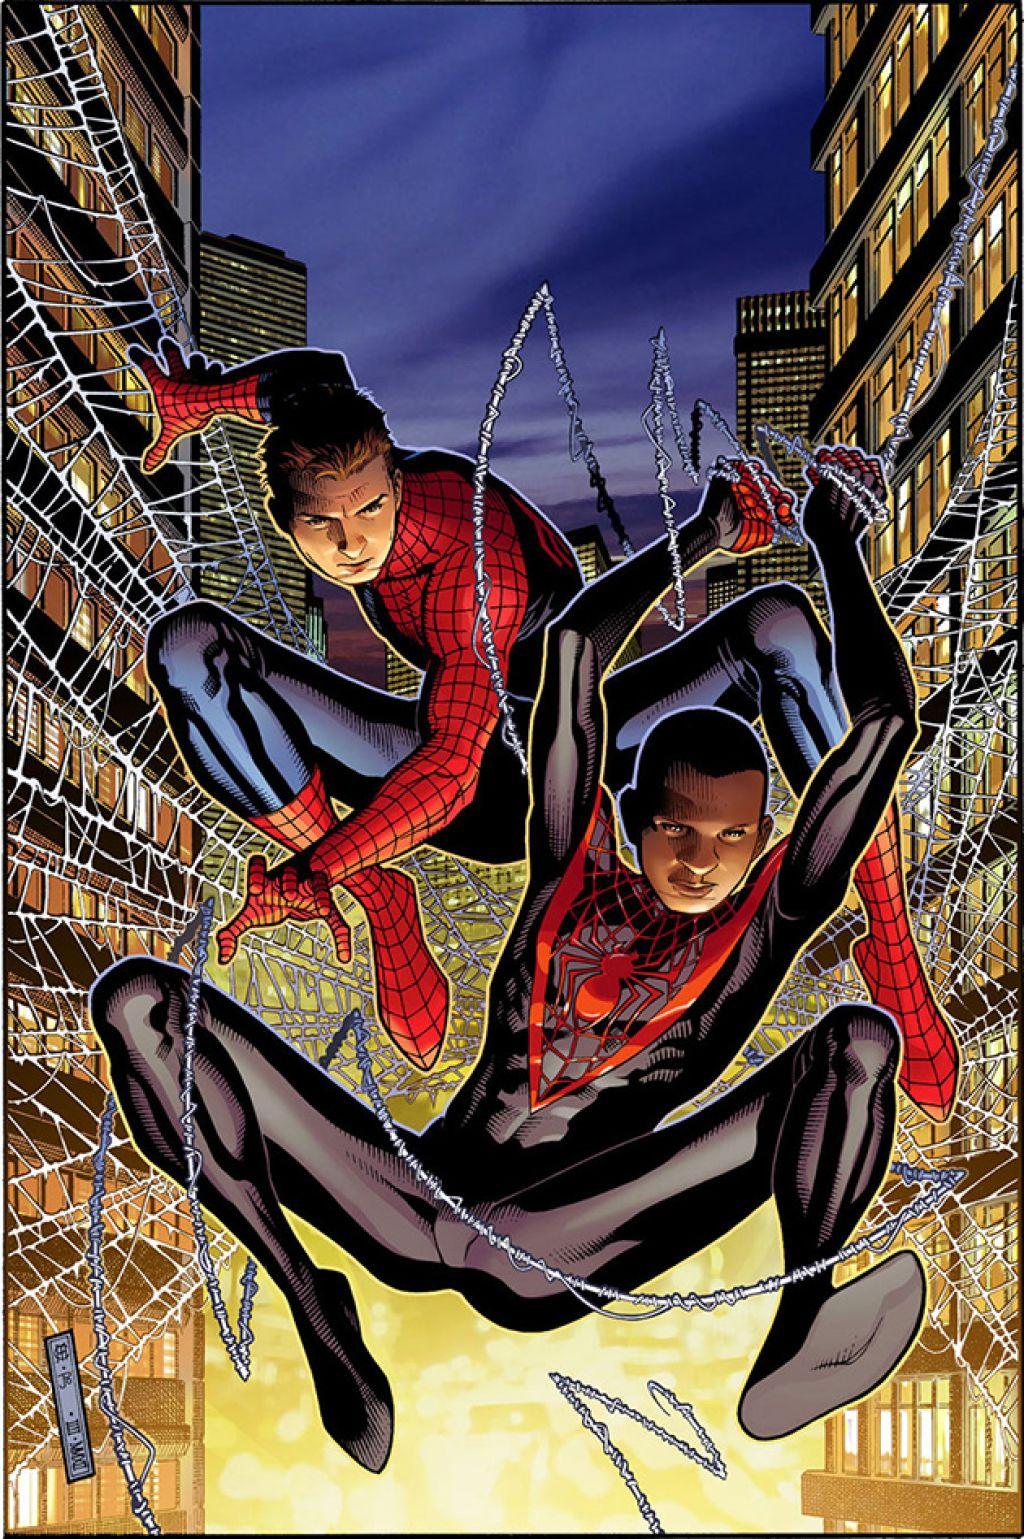 Каким будет новый мультфильм о Человеке-пауке?